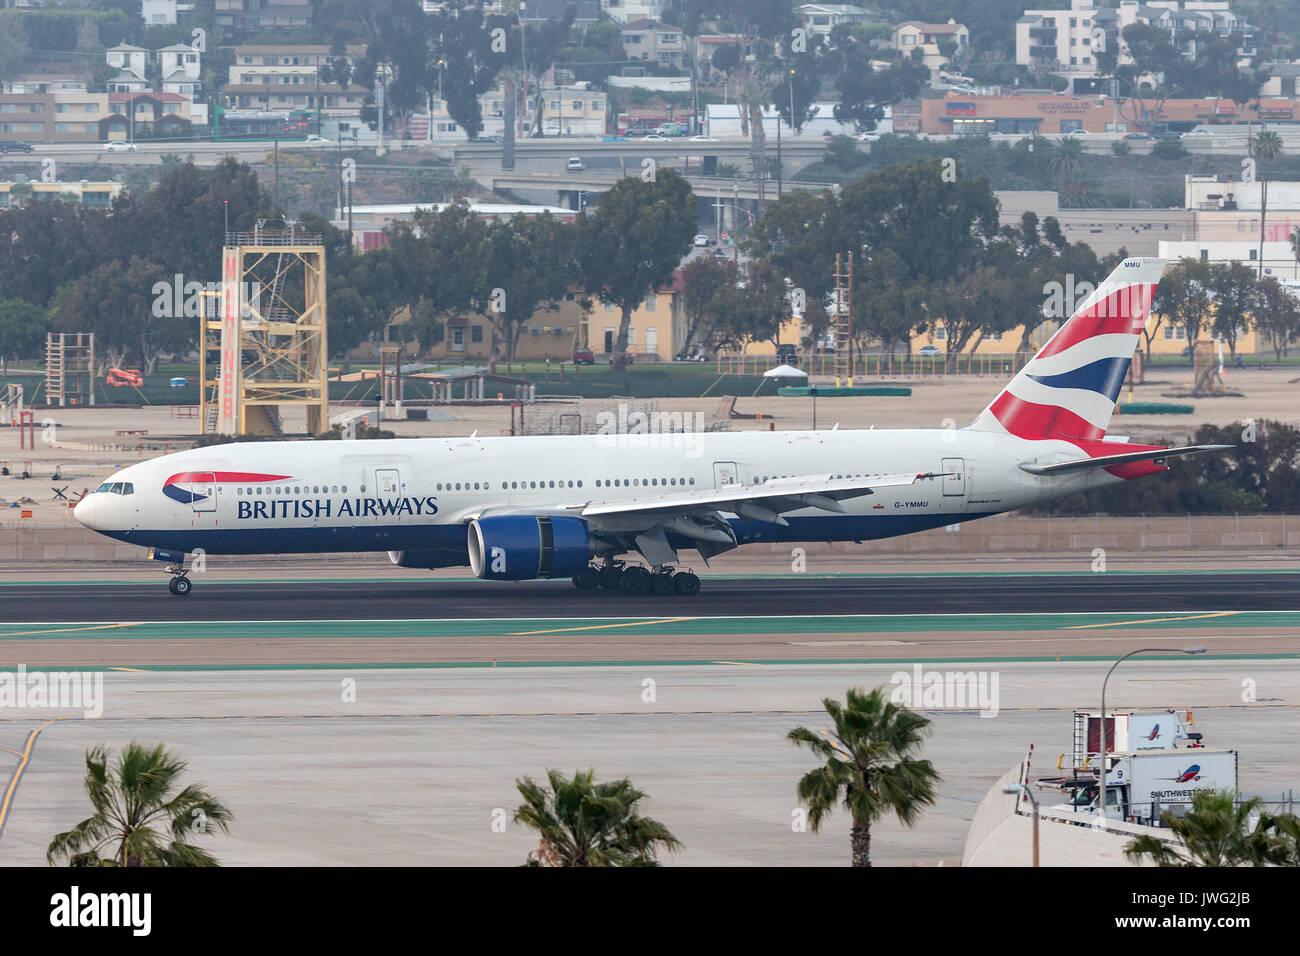 British Airways Boeing 777-236/ER G-YMMU arriving at San Diego International Airport. Stock Photo